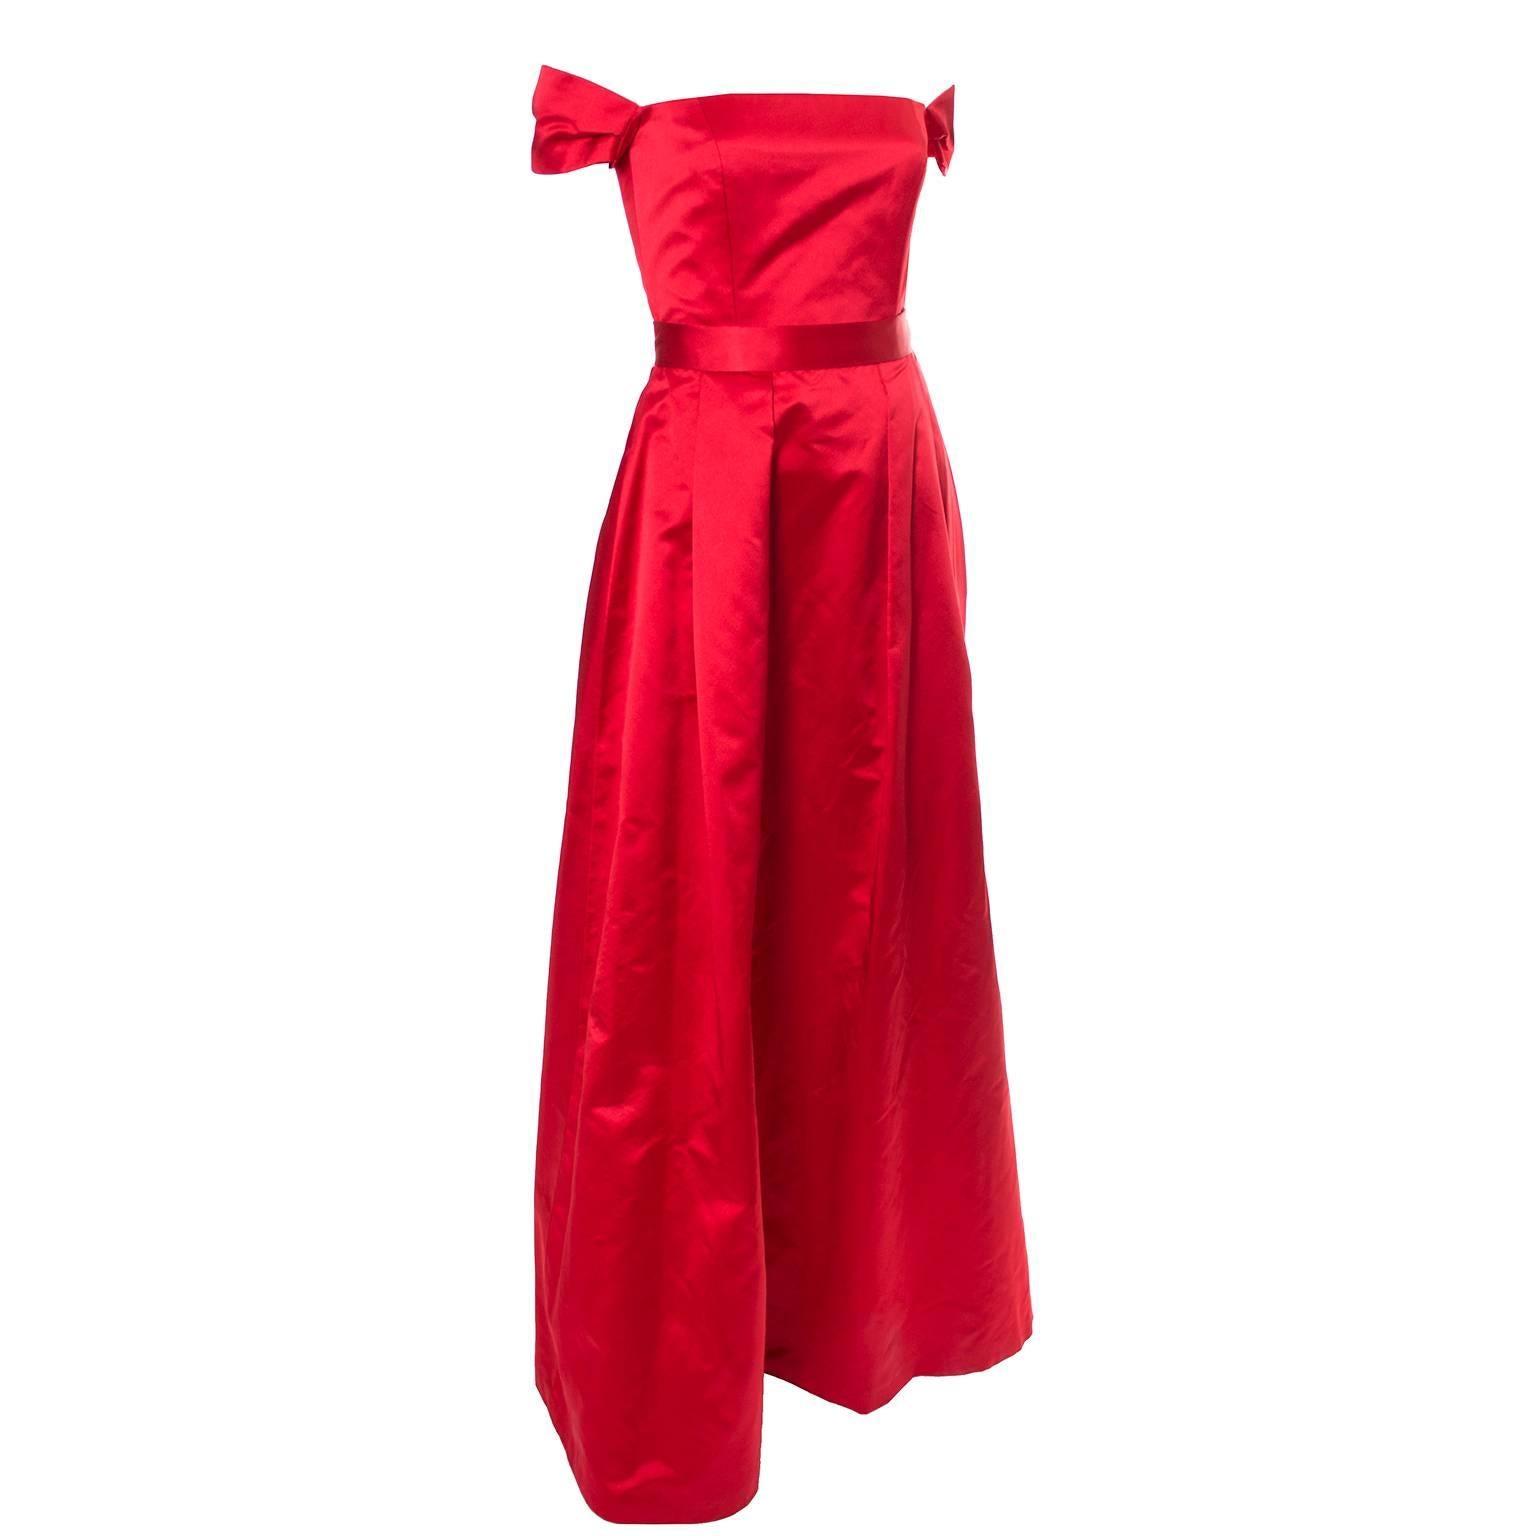 Red Silk Satin Vintage Evening Gown Dress Ensemble With Wrap Utako ...